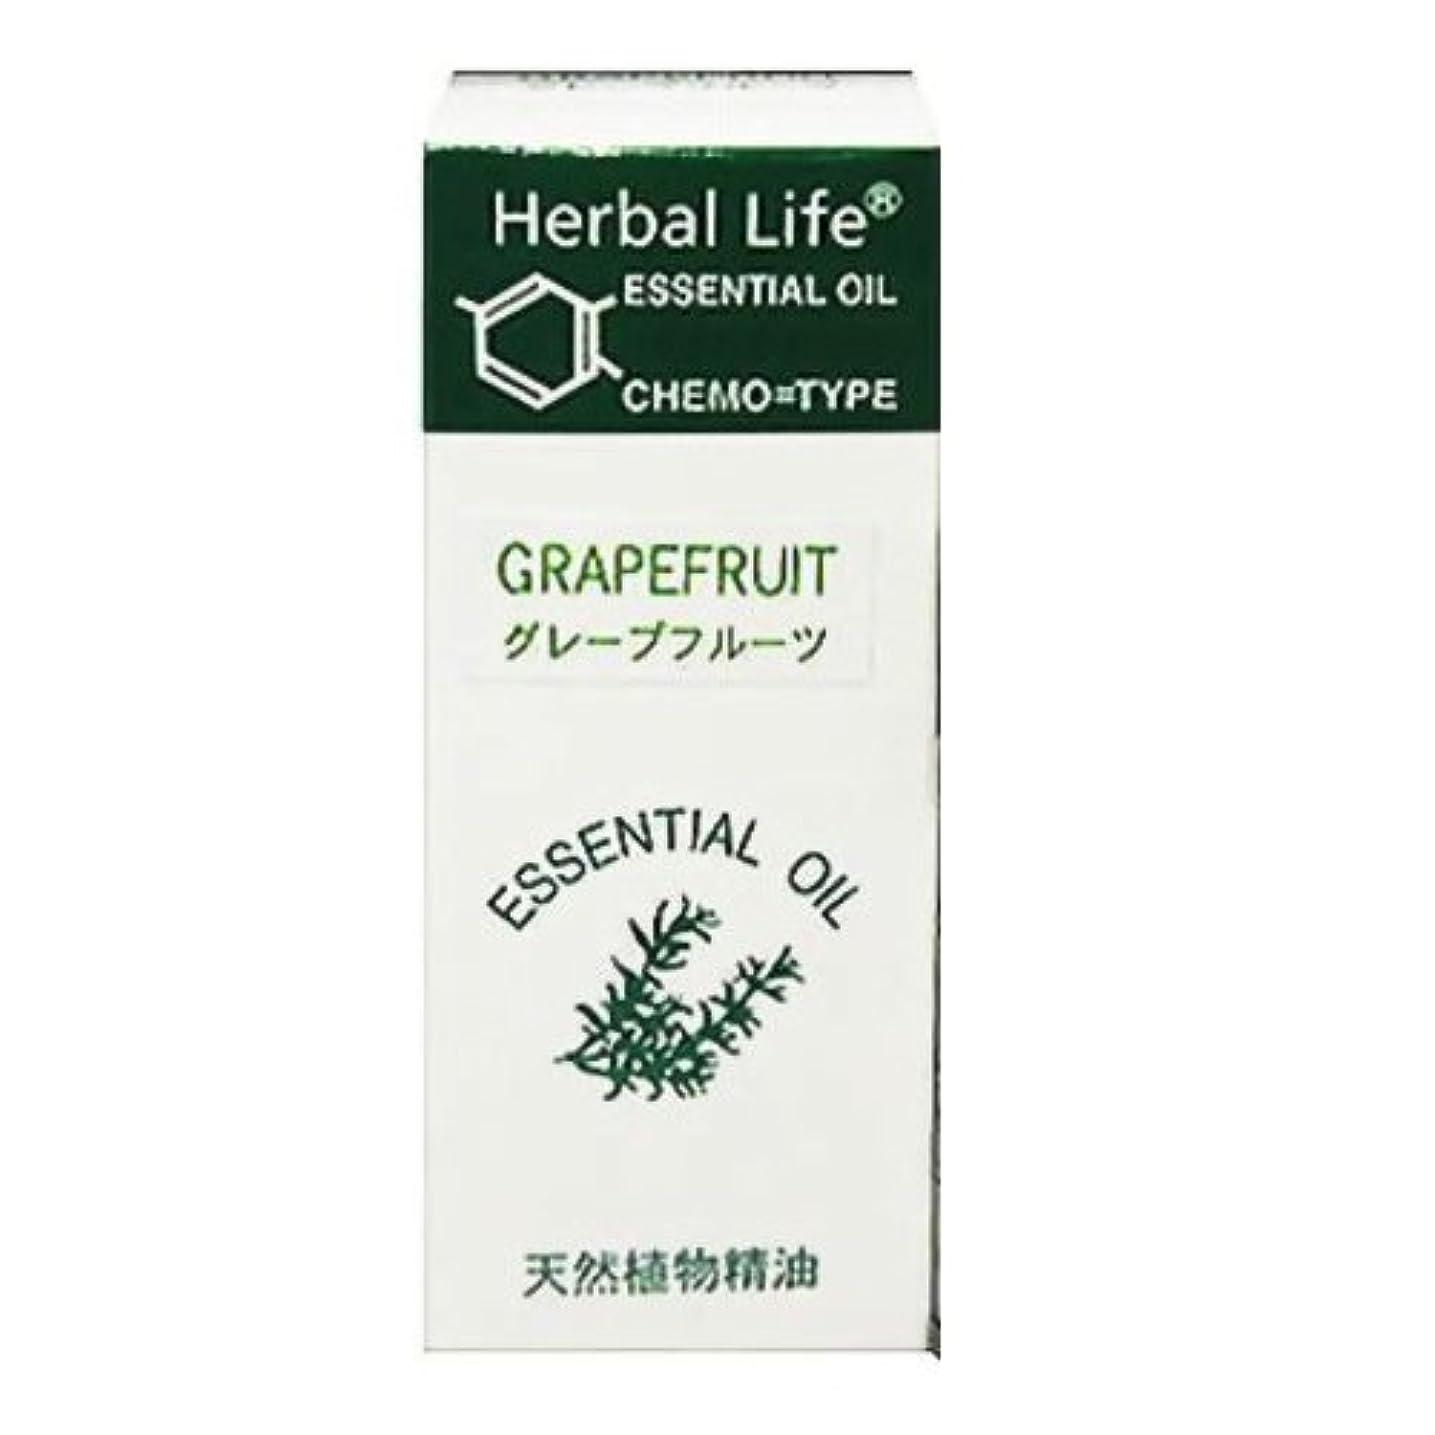 試みる噛むピニオン生活の木 エッセンシャルオイル グレープフルーツ 10ml